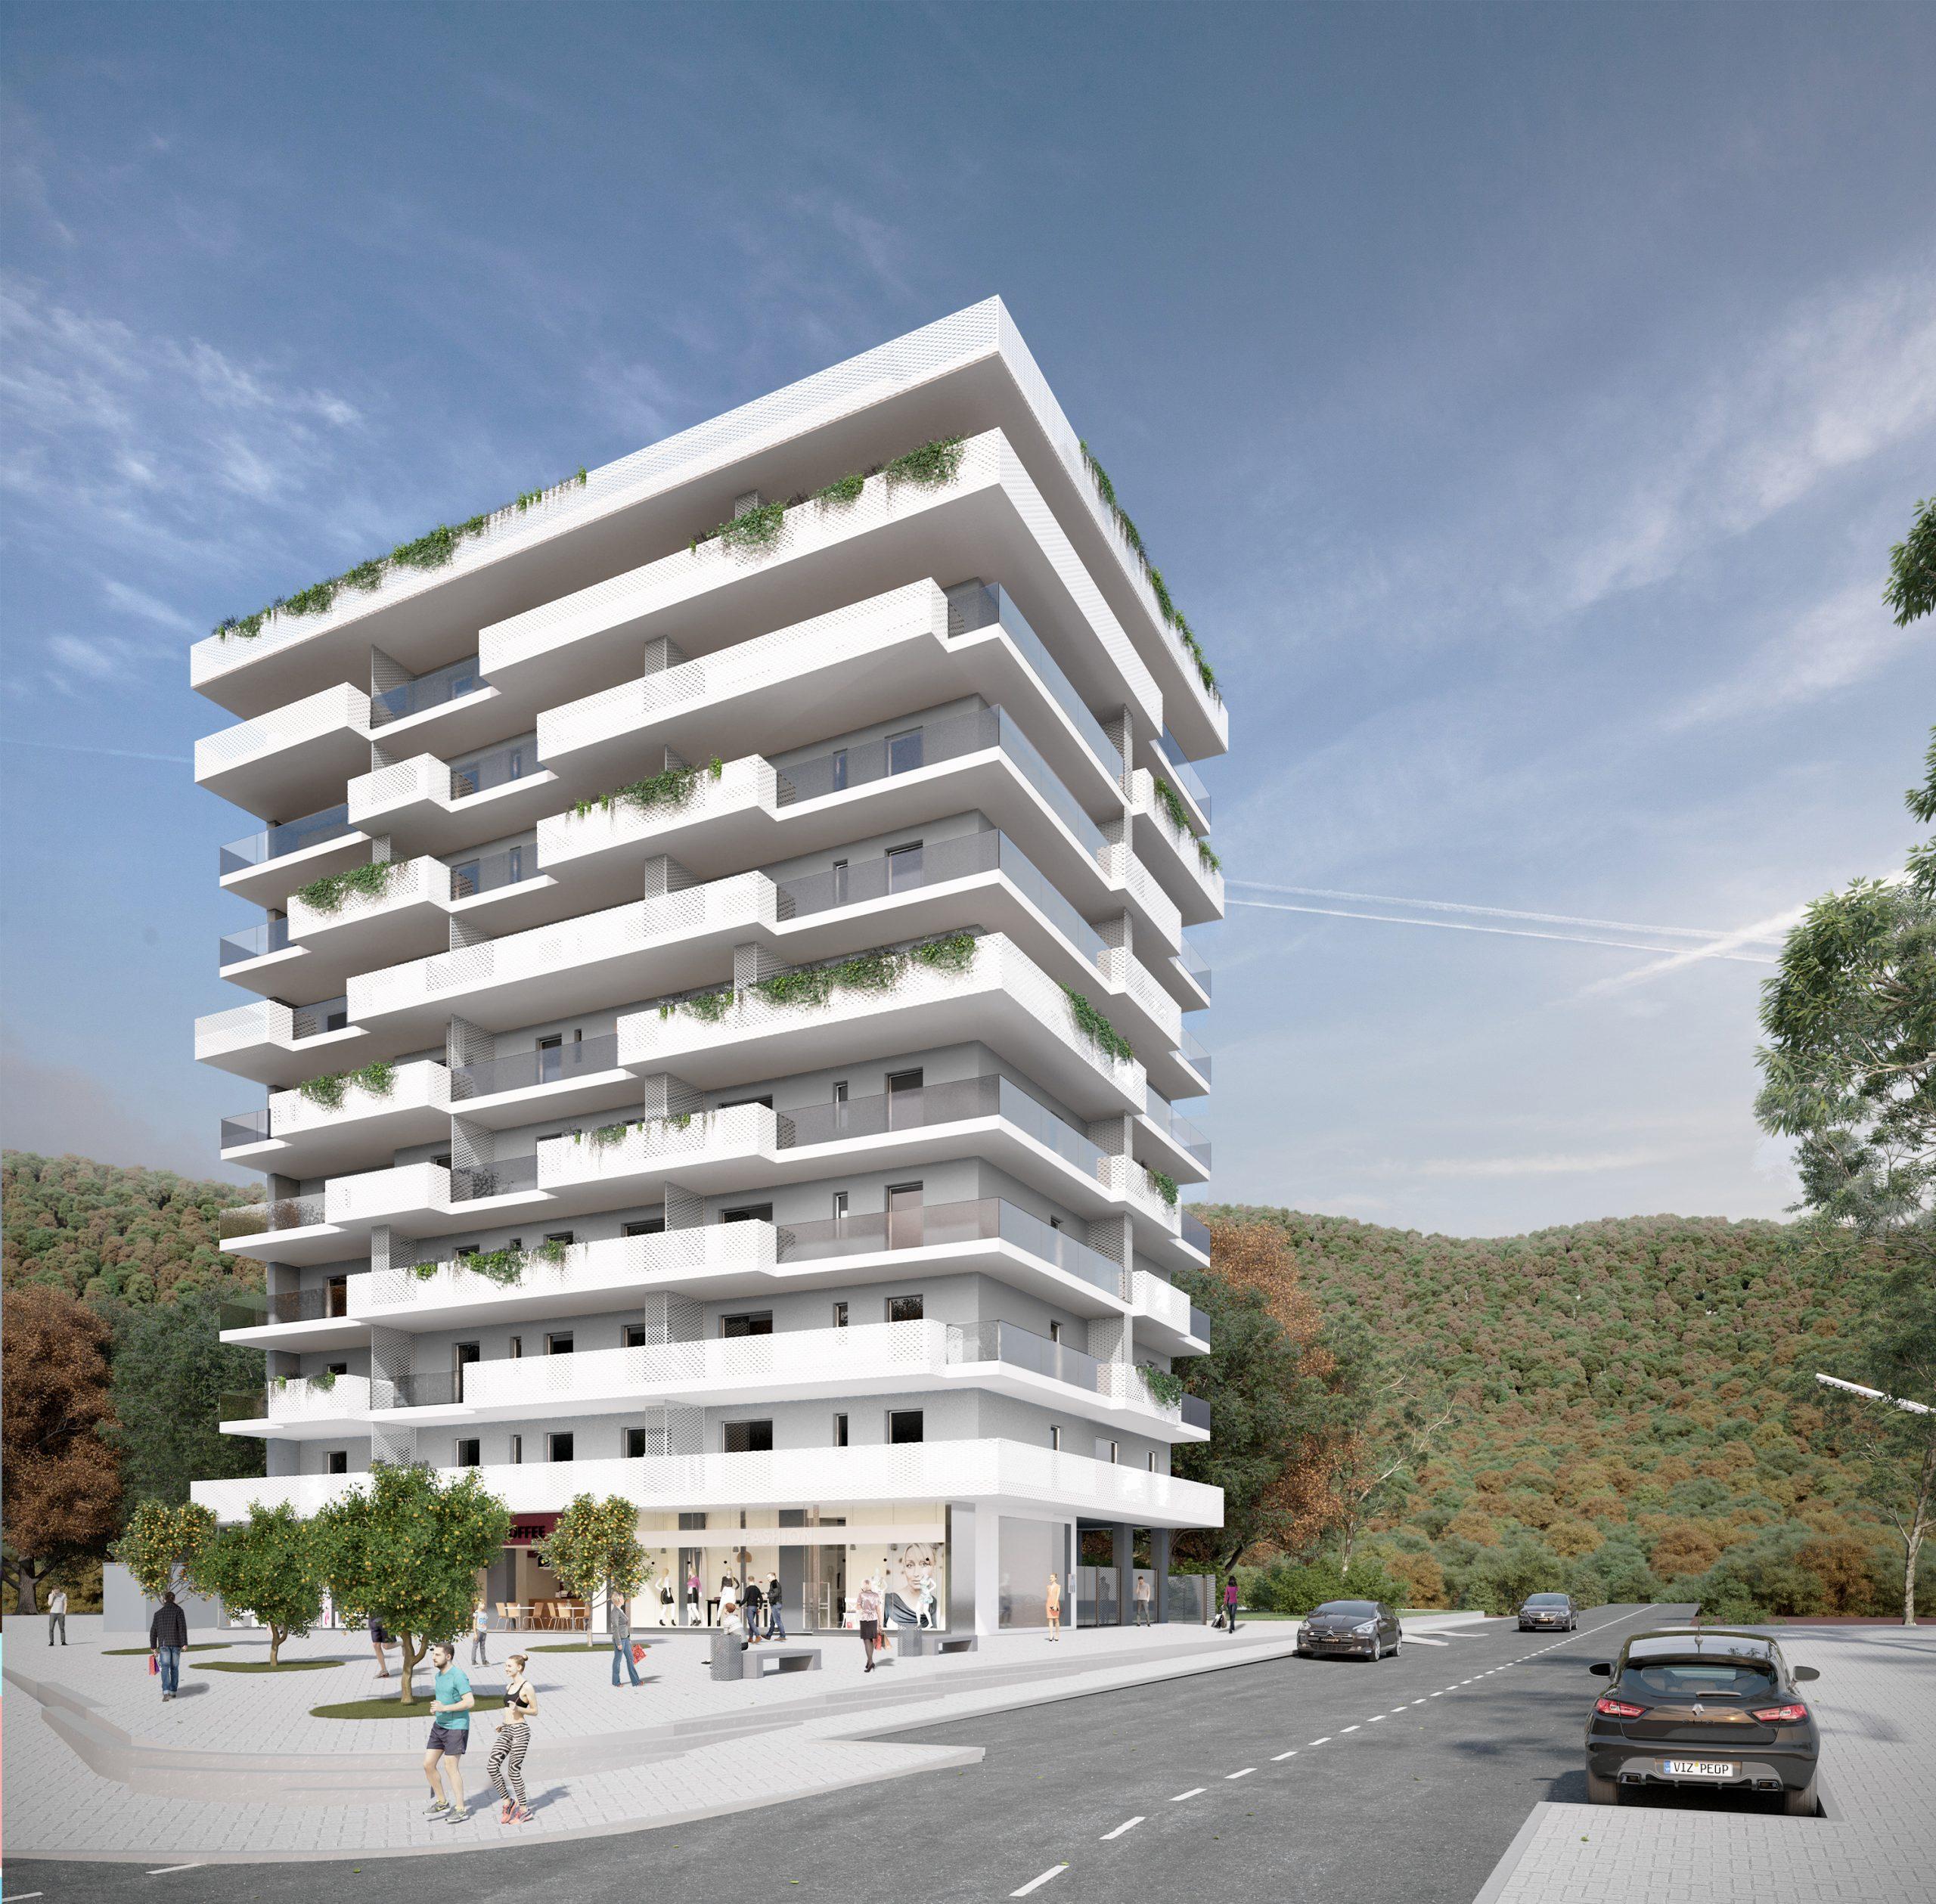 milara-srl-gruppo-postiglione-societa-di-costruzioni-e-vendita-appartamenti-immobili-residenziali-commerciali-cr53-f4-torre-nuova-torrione-vista-01-e